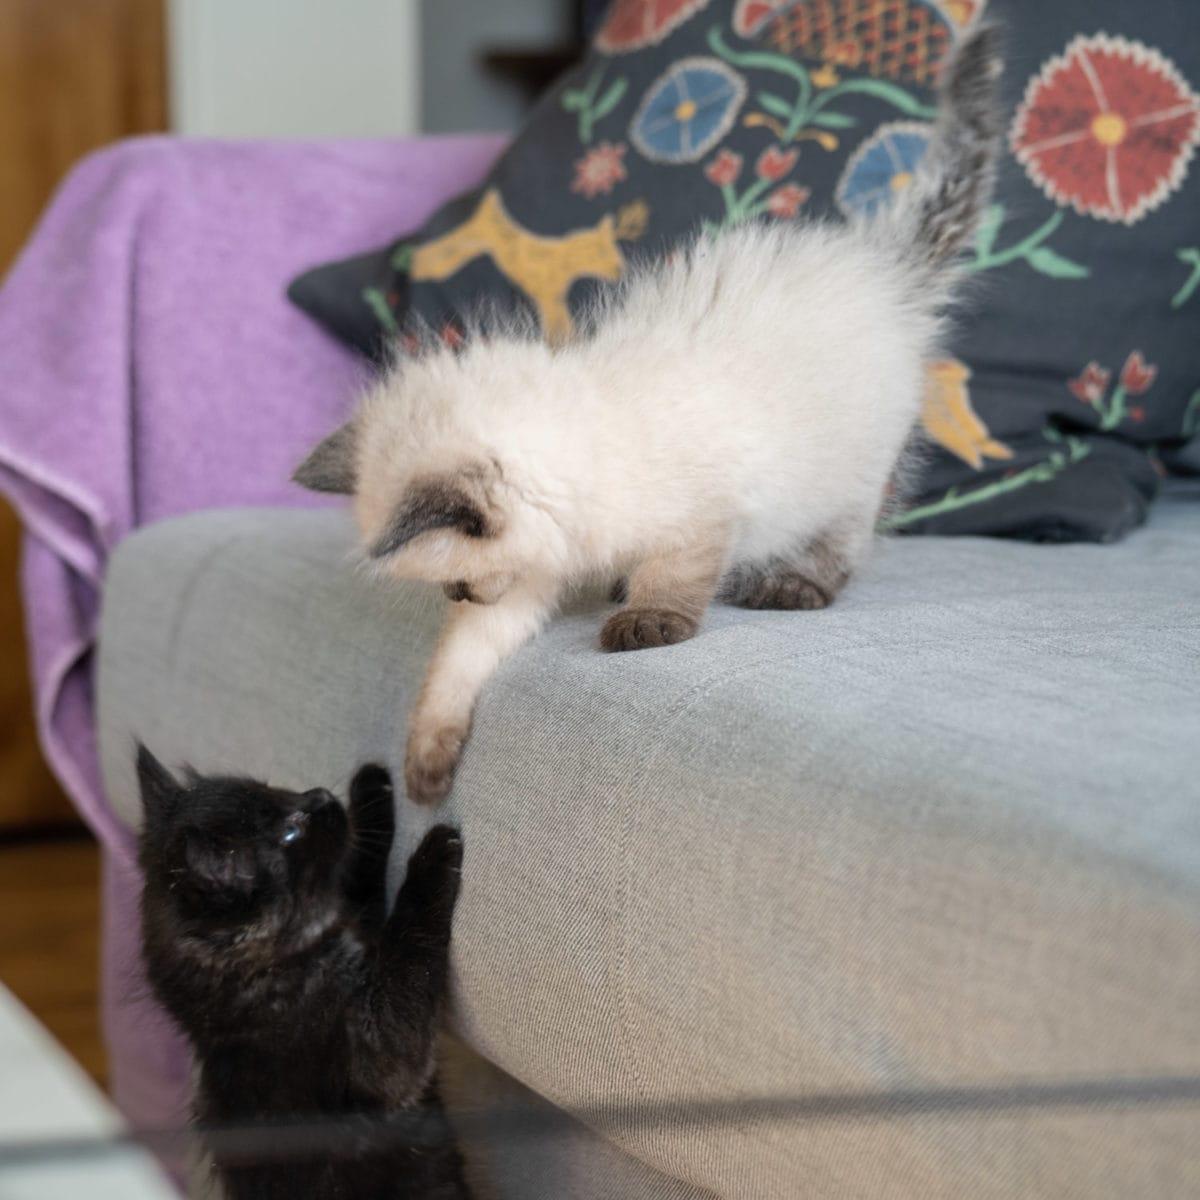 kittens playing